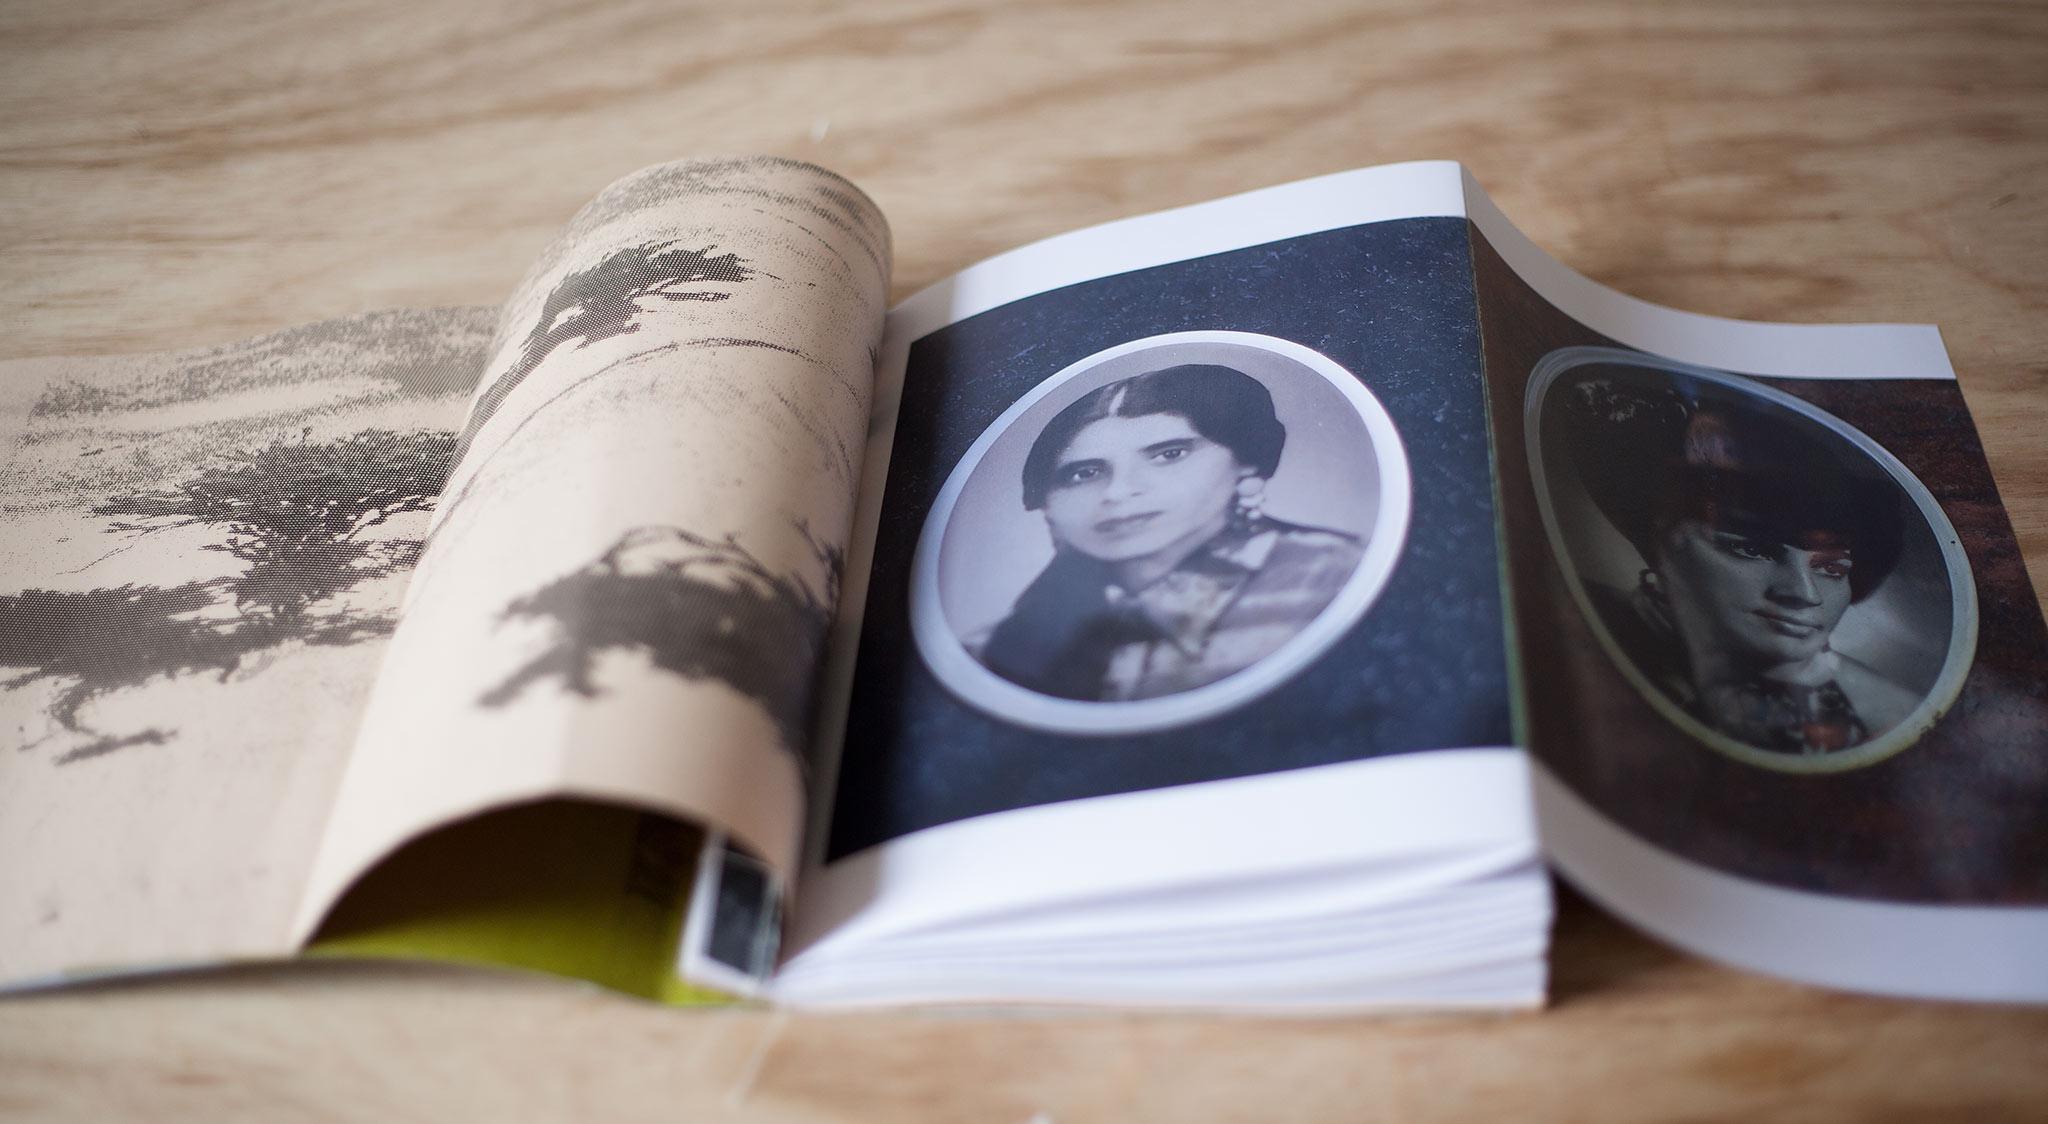 paula-roush-nothing-to-undo-photobook-13